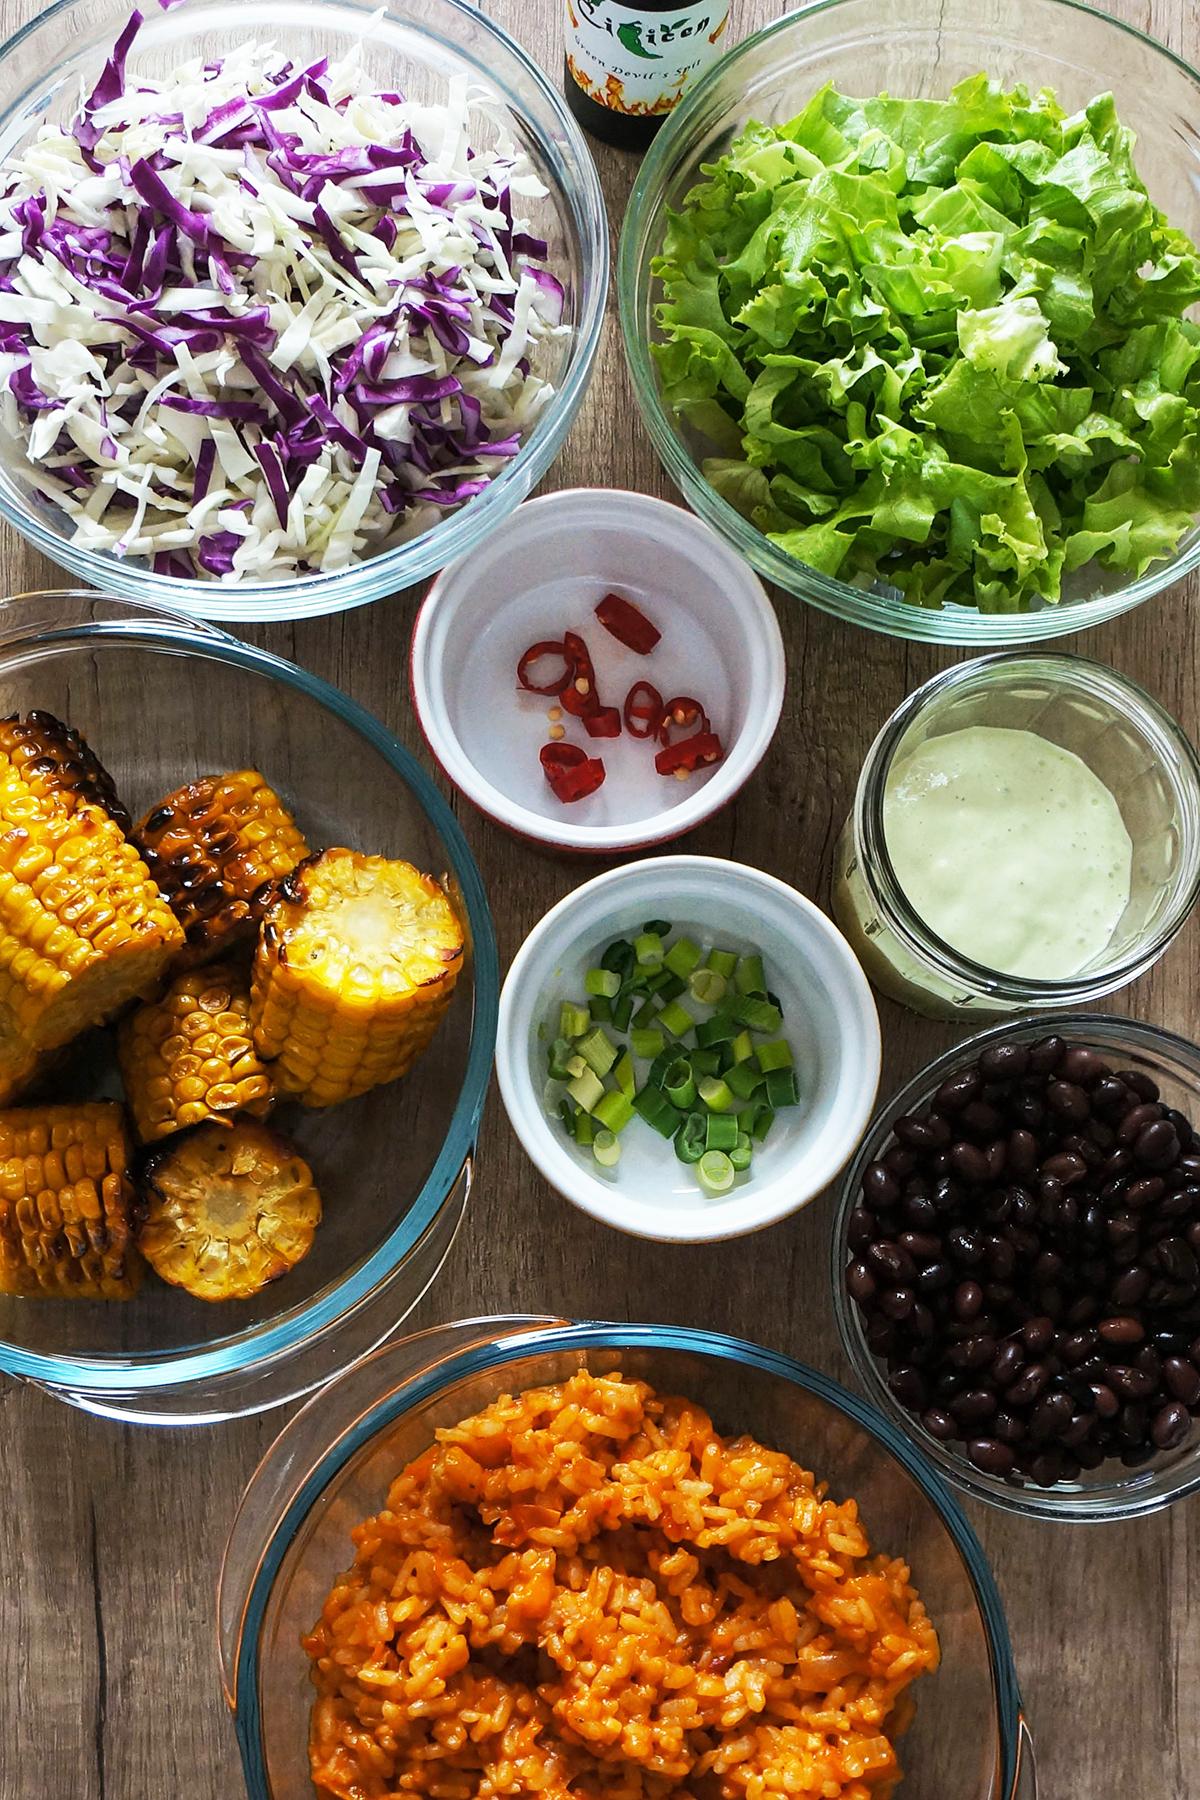 Mehiška pojedina z rdečim rižem, črnim fižolom, zelenjavo in avokadovim prelivom